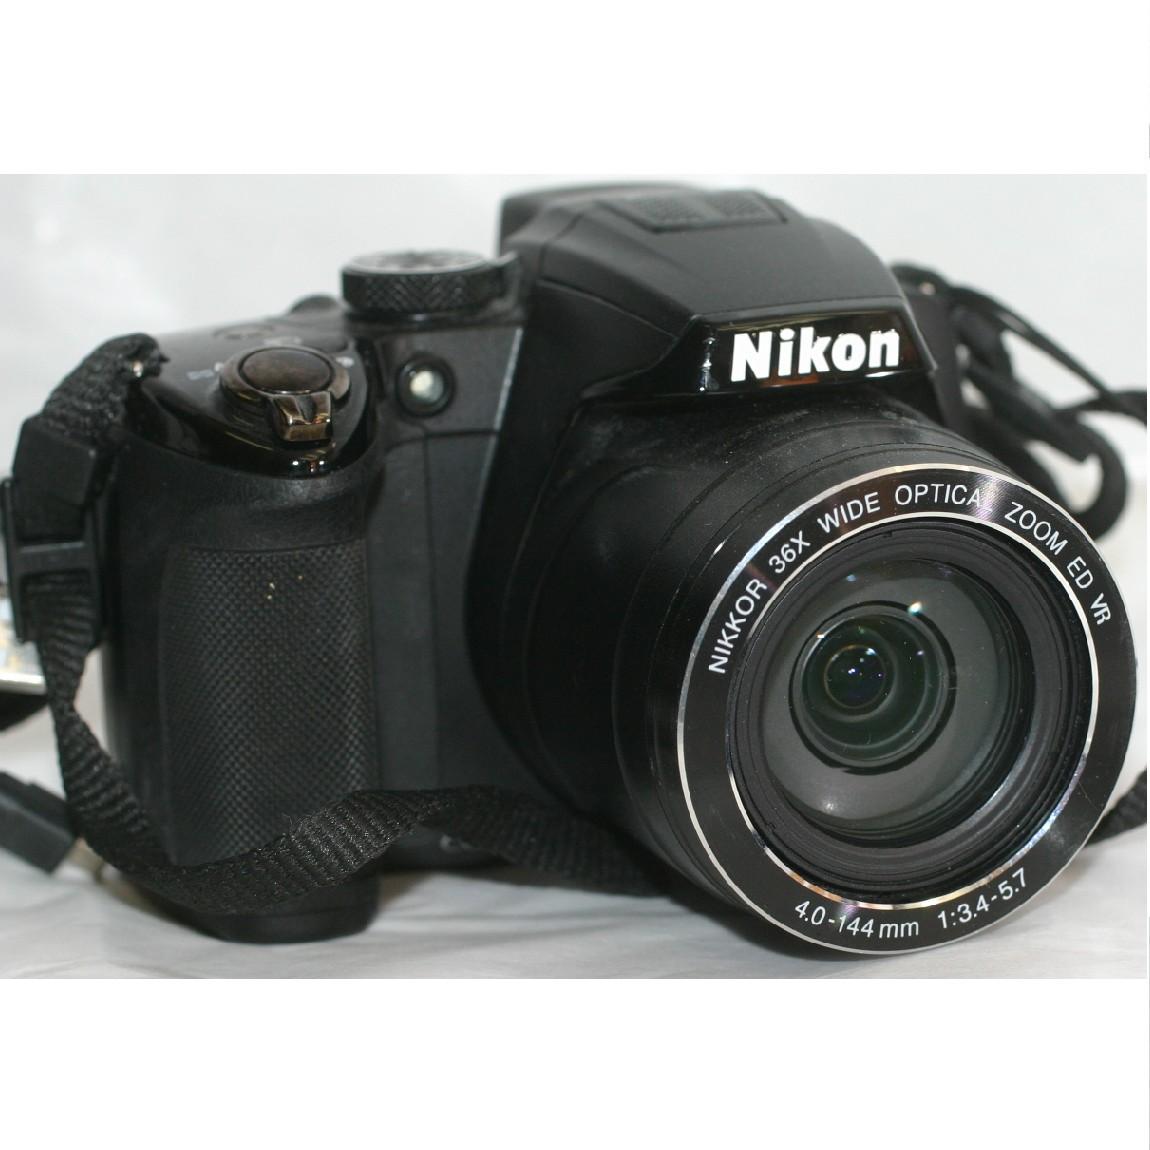 【中古】完動美品松下パナソニックの1210万画素デジタルカメラクールピクスP500 1ヶ月保障付